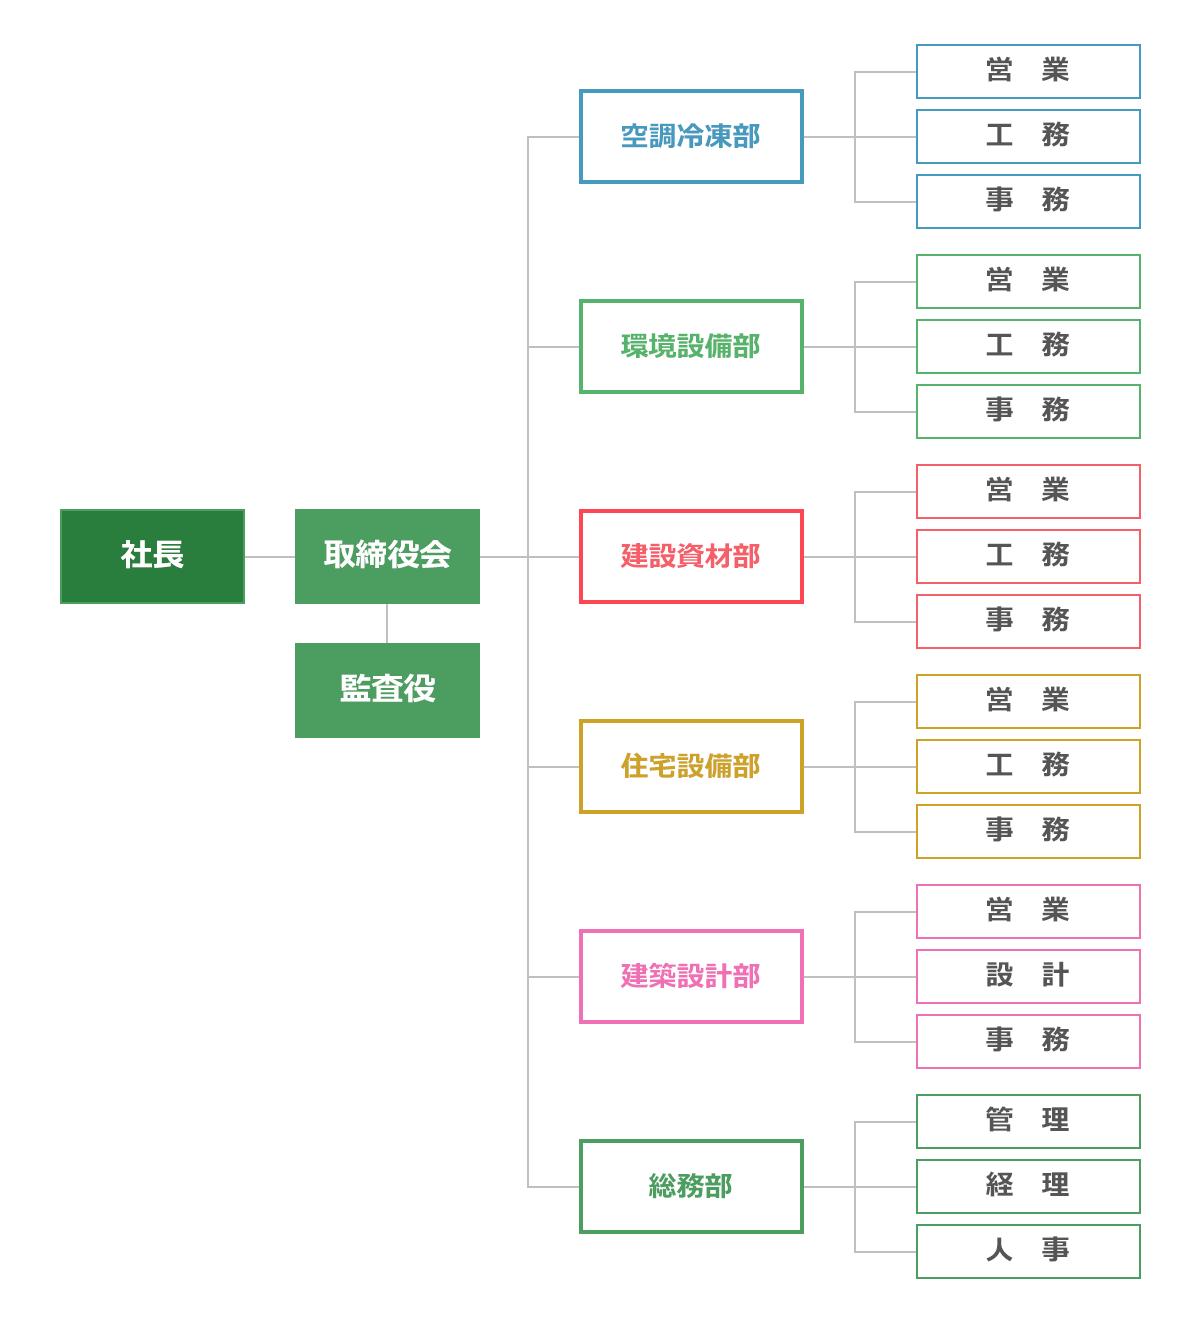 宮地機工株式会社の組織図